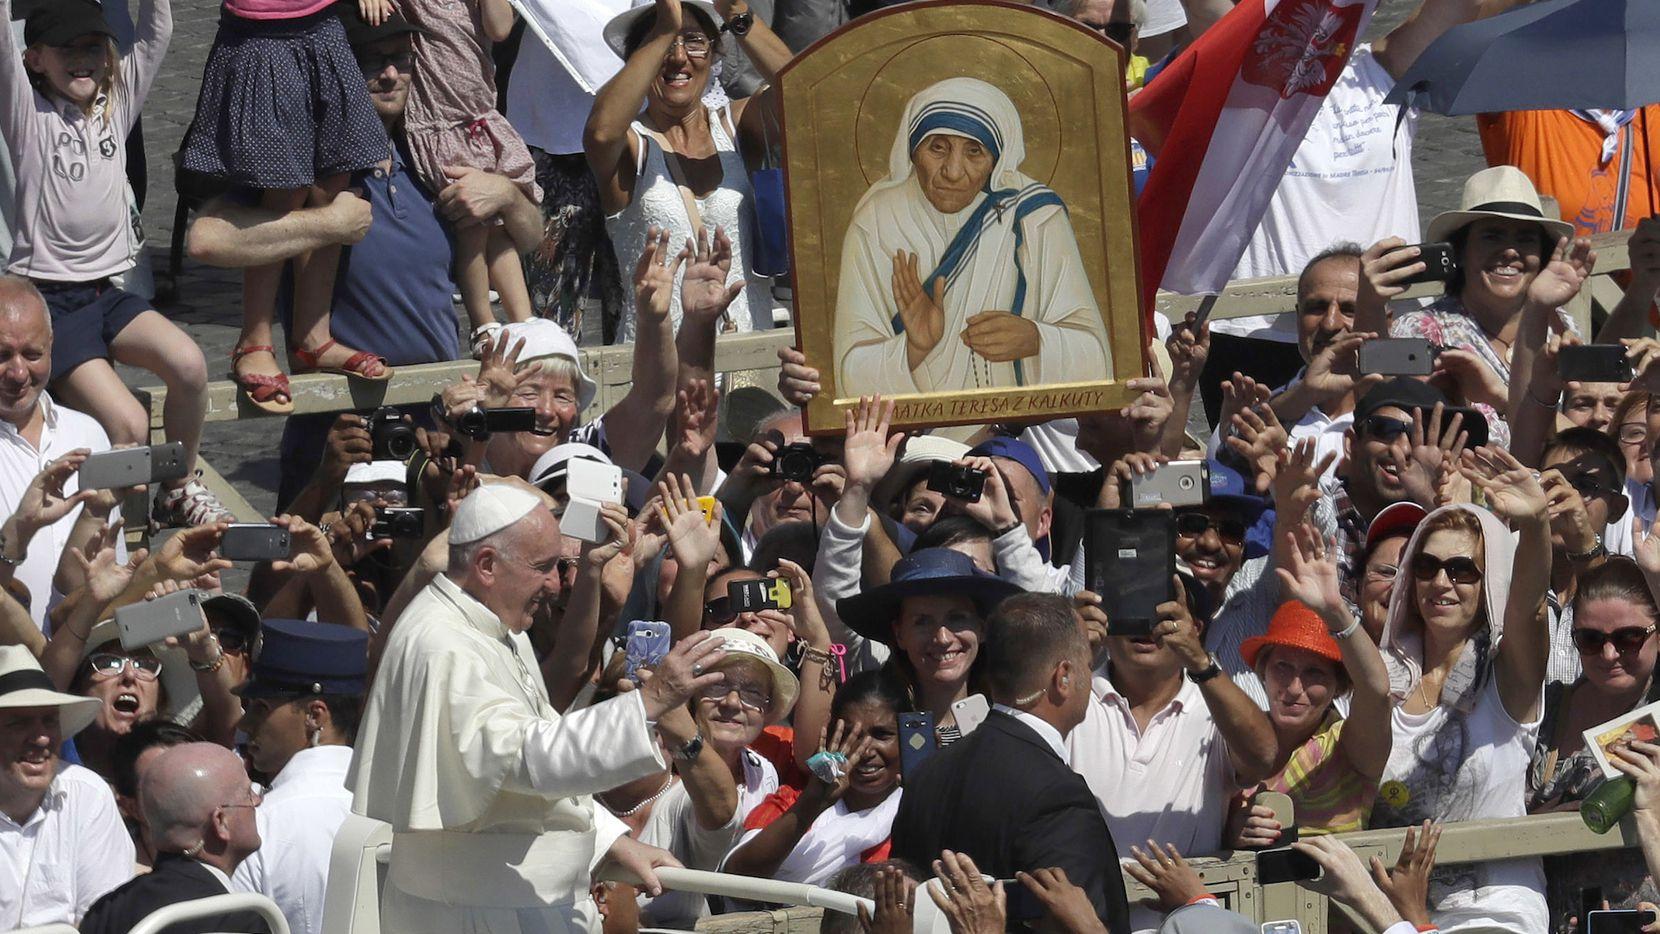 El papa Francisco ingresa a la plaza de San Pedro durante la ceremonia de canonización de la Madre Teresa en el Vaticano. (AP)